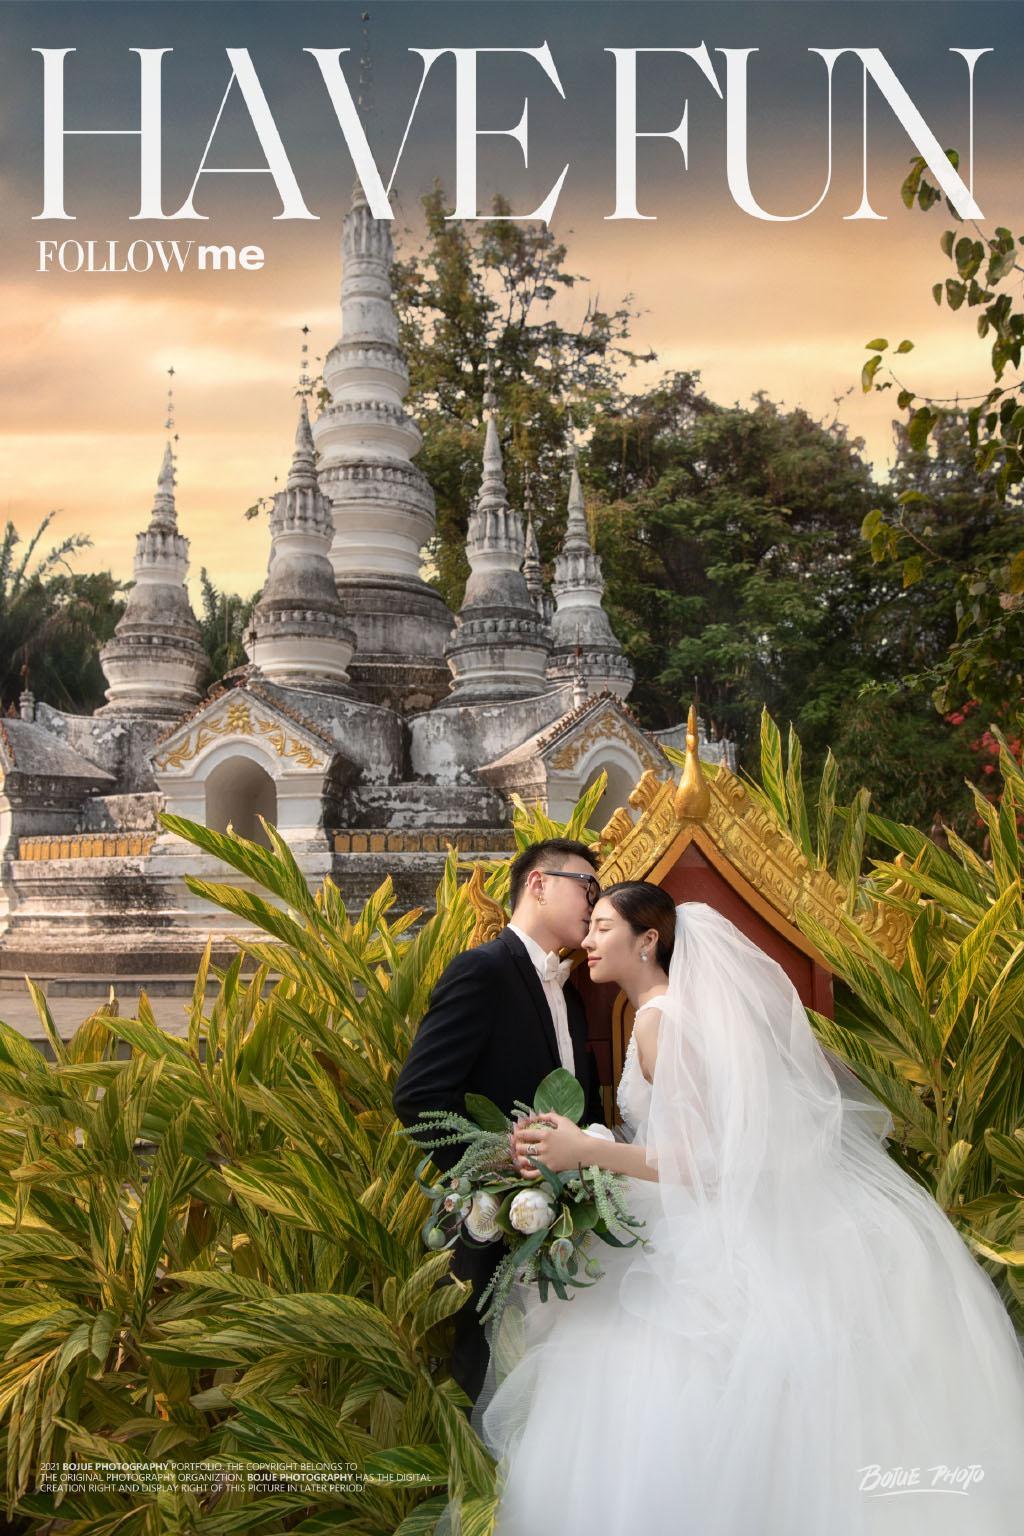 铂爵旅拍婚纱照 将西双版纳的美景装进婚纱照